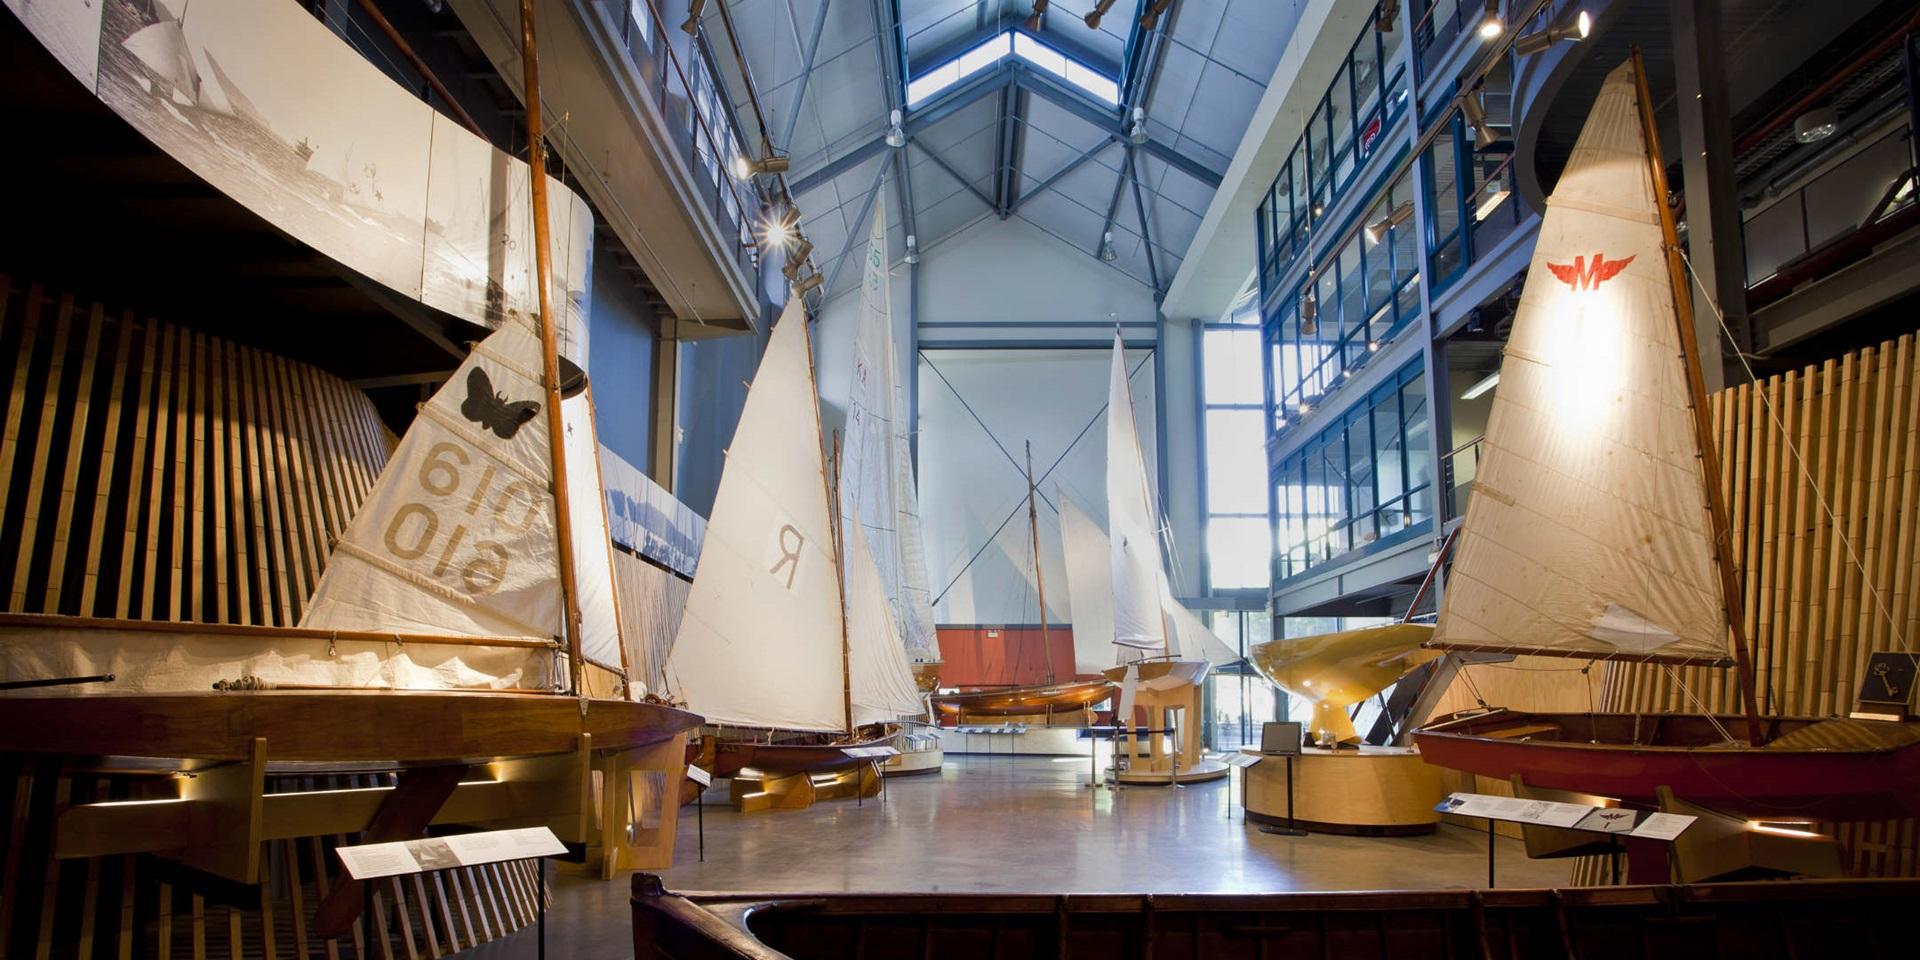 موزه دریایی بین المللی